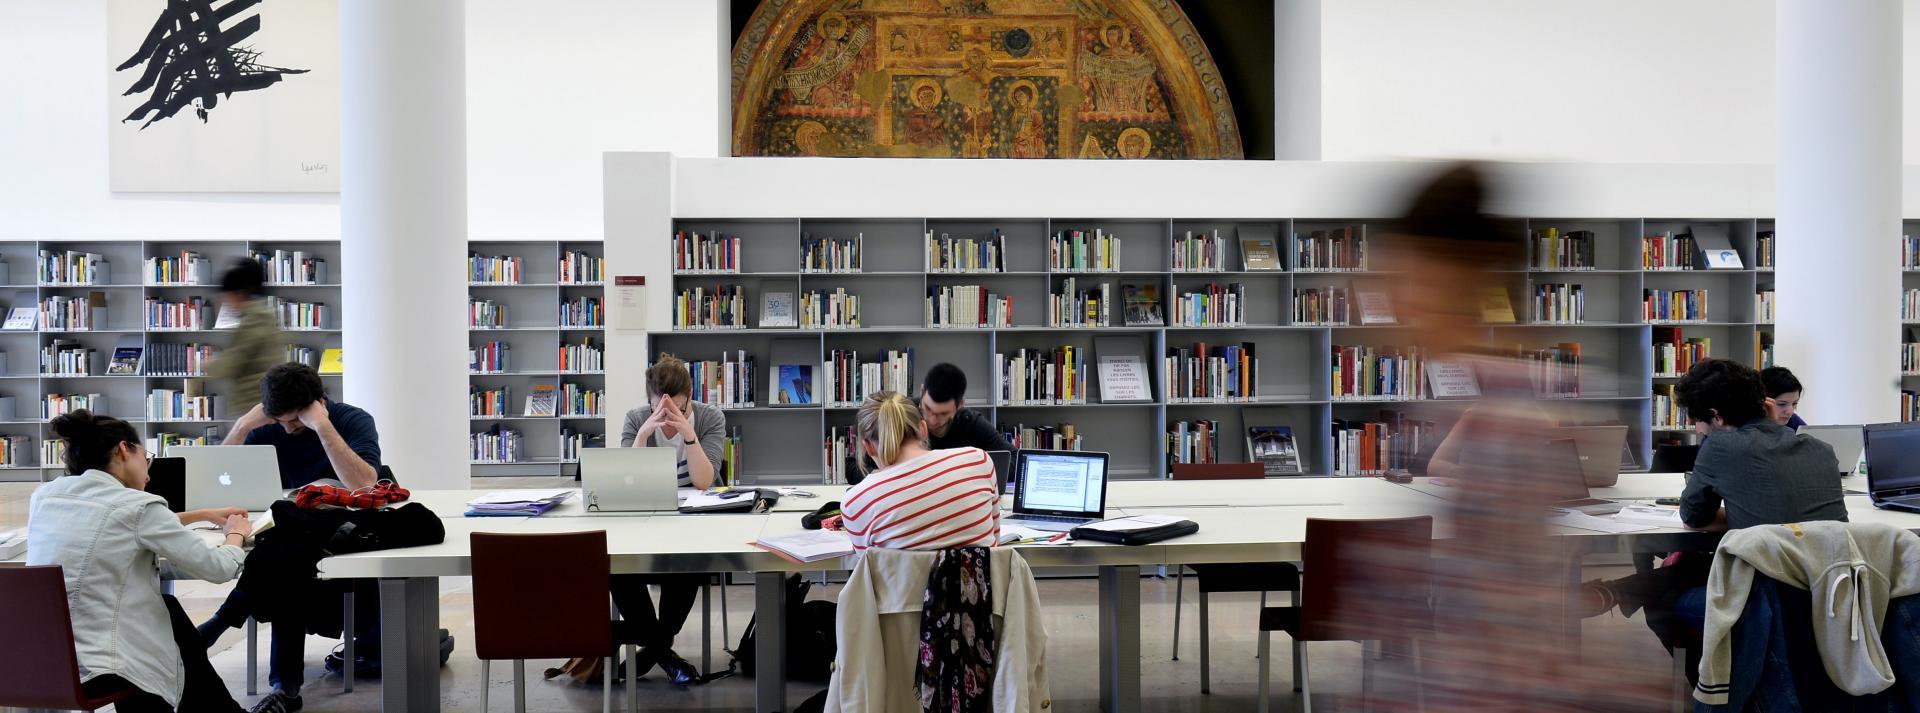 la biblioth u00e8que